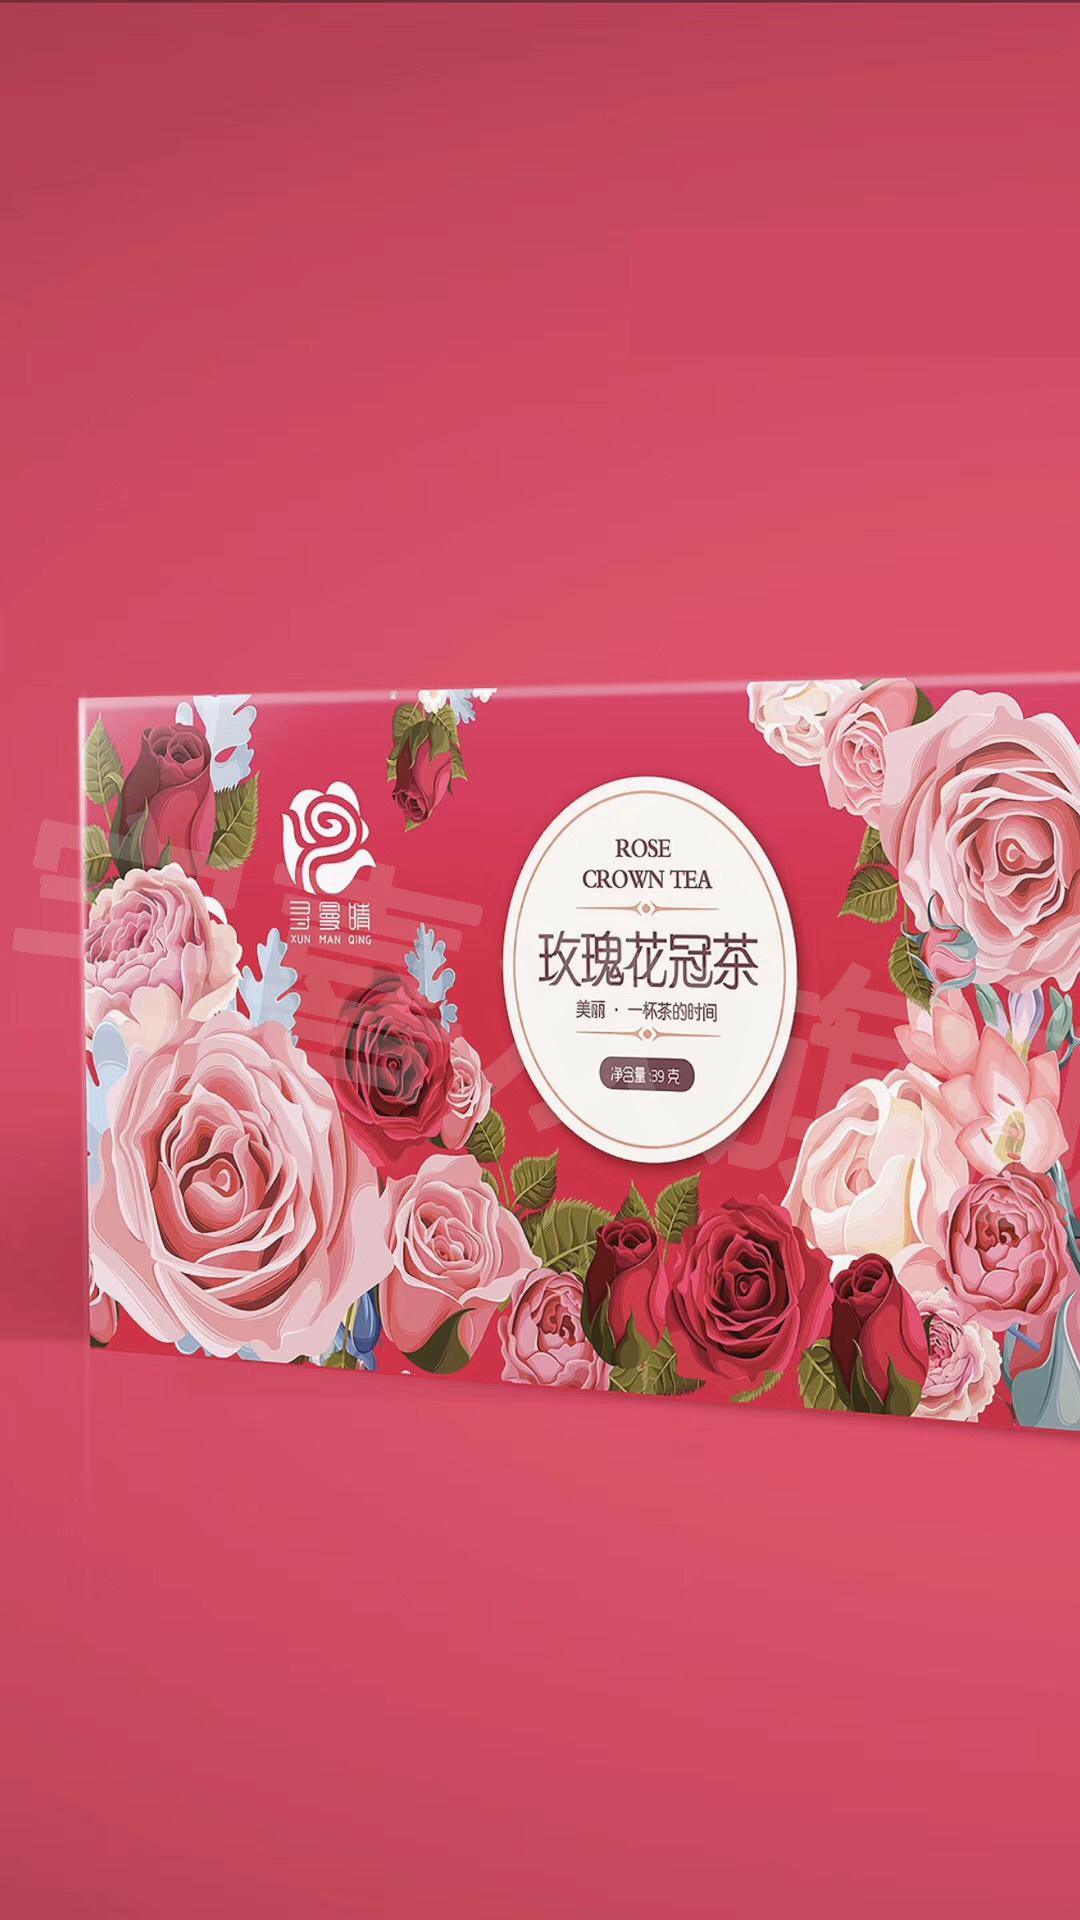 玫瑰花茶手绘包装设计